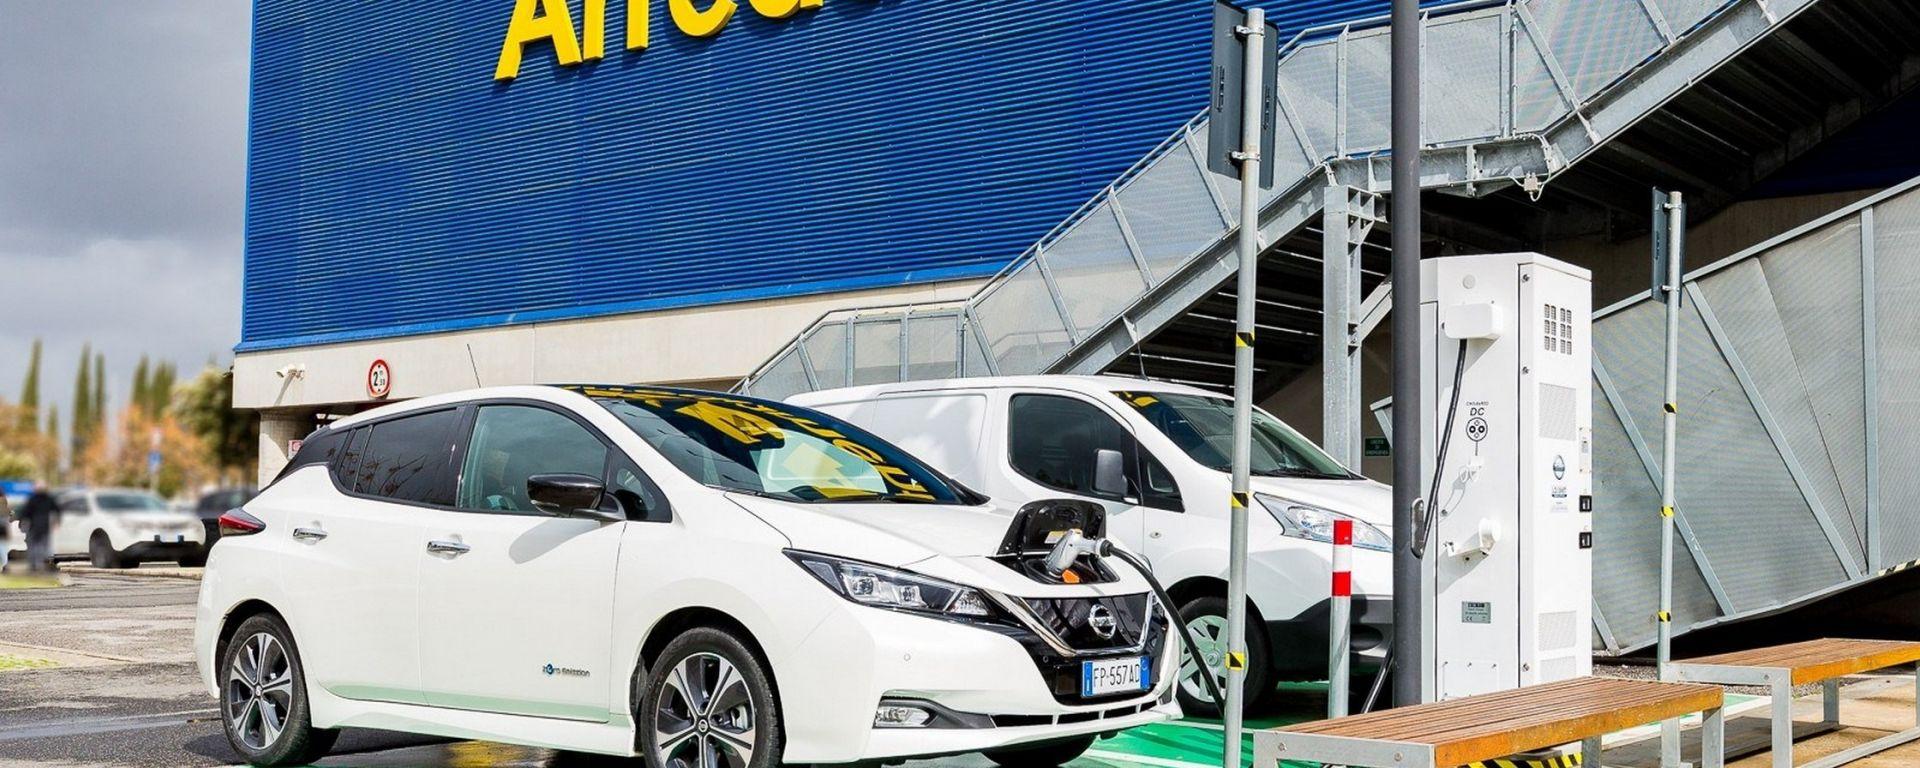 Nissan Colonnina Di Ricarica Elettrica Allikea Di Roma Anagnina